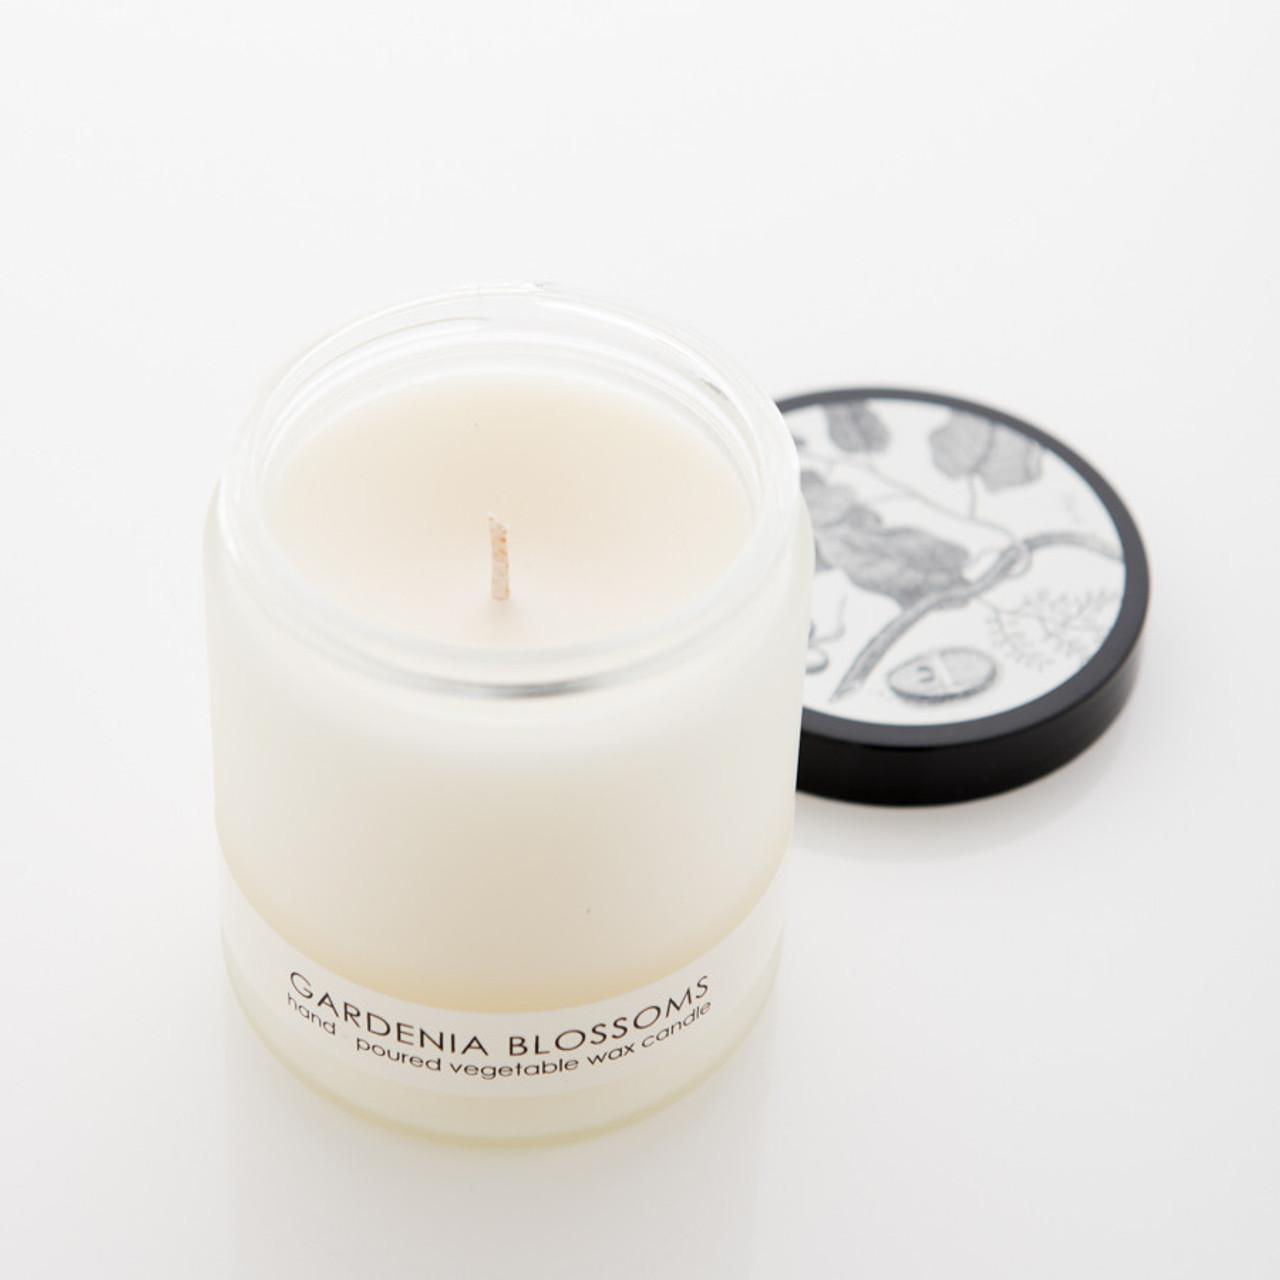 Gardenia Blossom Candle